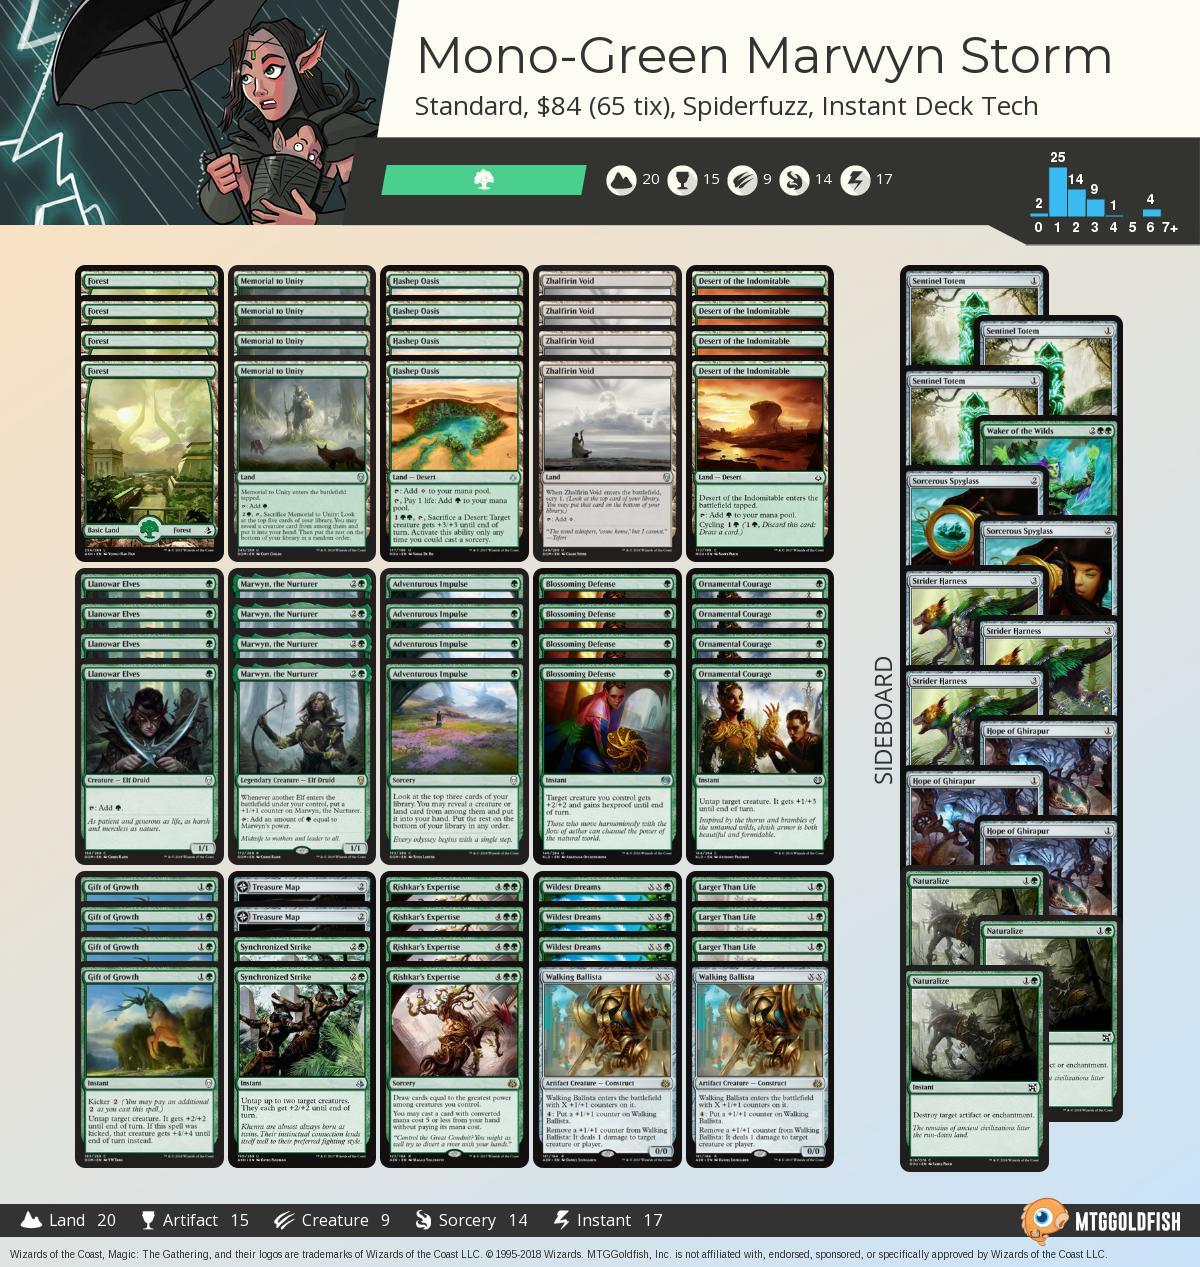 Mono green%2bmarwyn%2bstorm 4a239789 de44 4978 aba0 883ab792b316%2ejpg